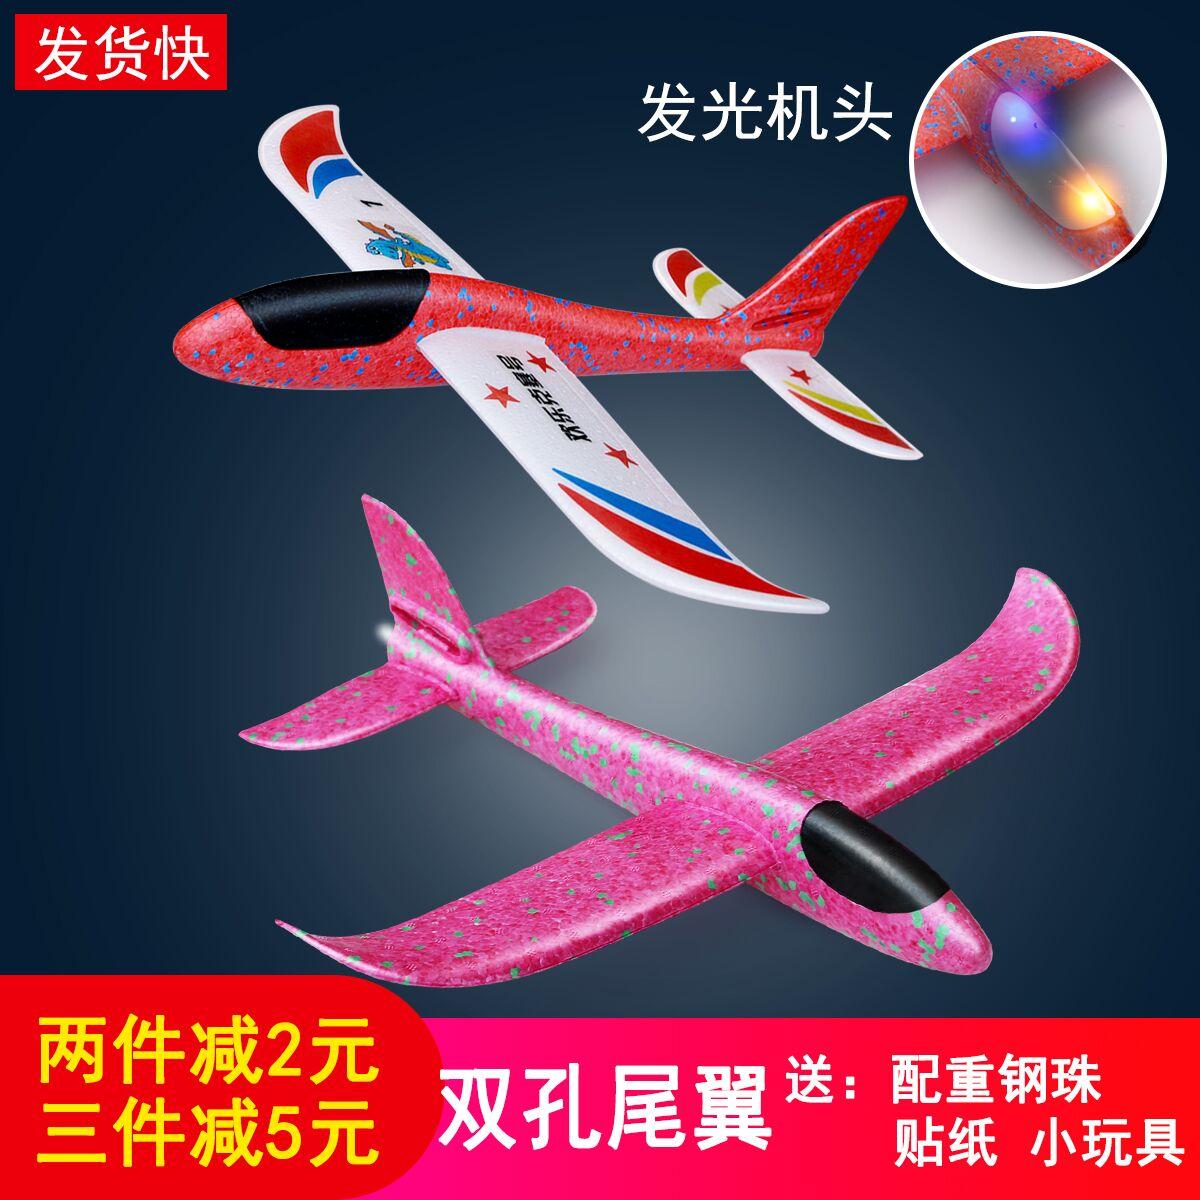 儿童玩具飞机模型泡沫飞机手抛滑翔机网红户外沙滩亲子航模玩具